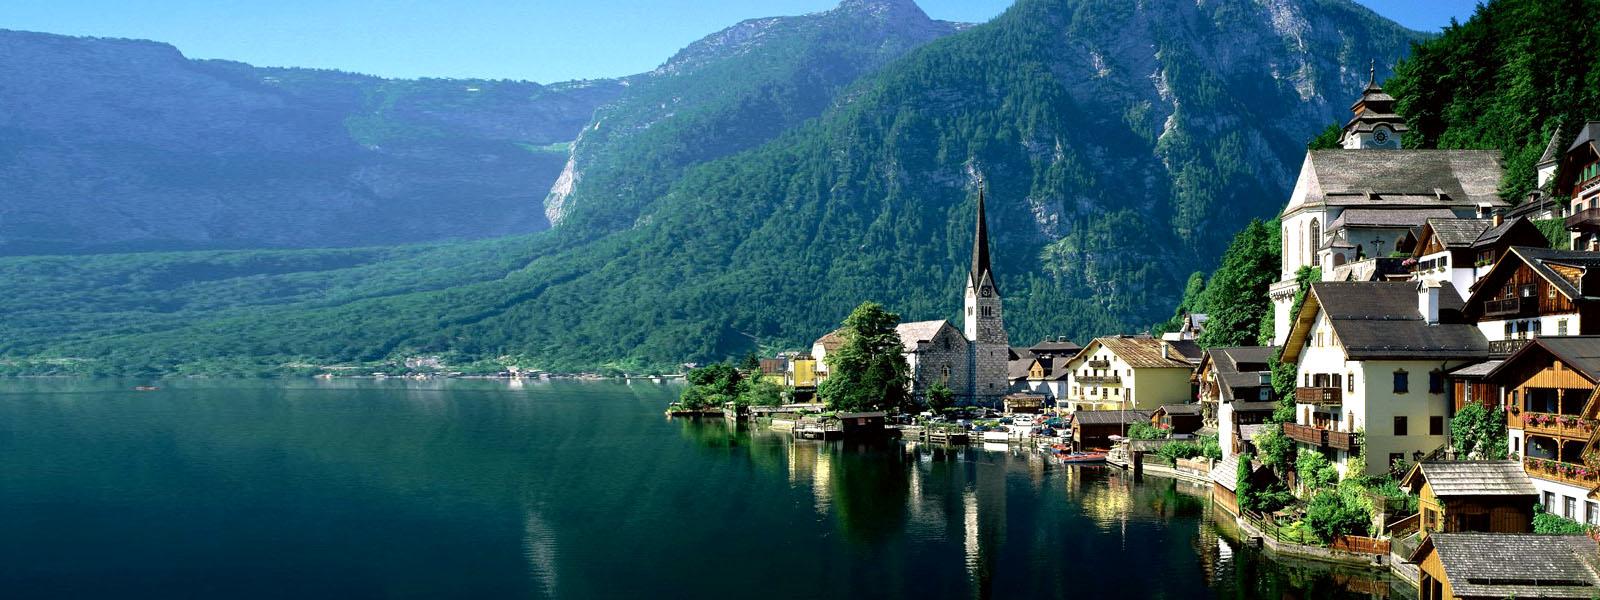 Корал Тревел предлагает горящие туры в Австрию в самые известные города: